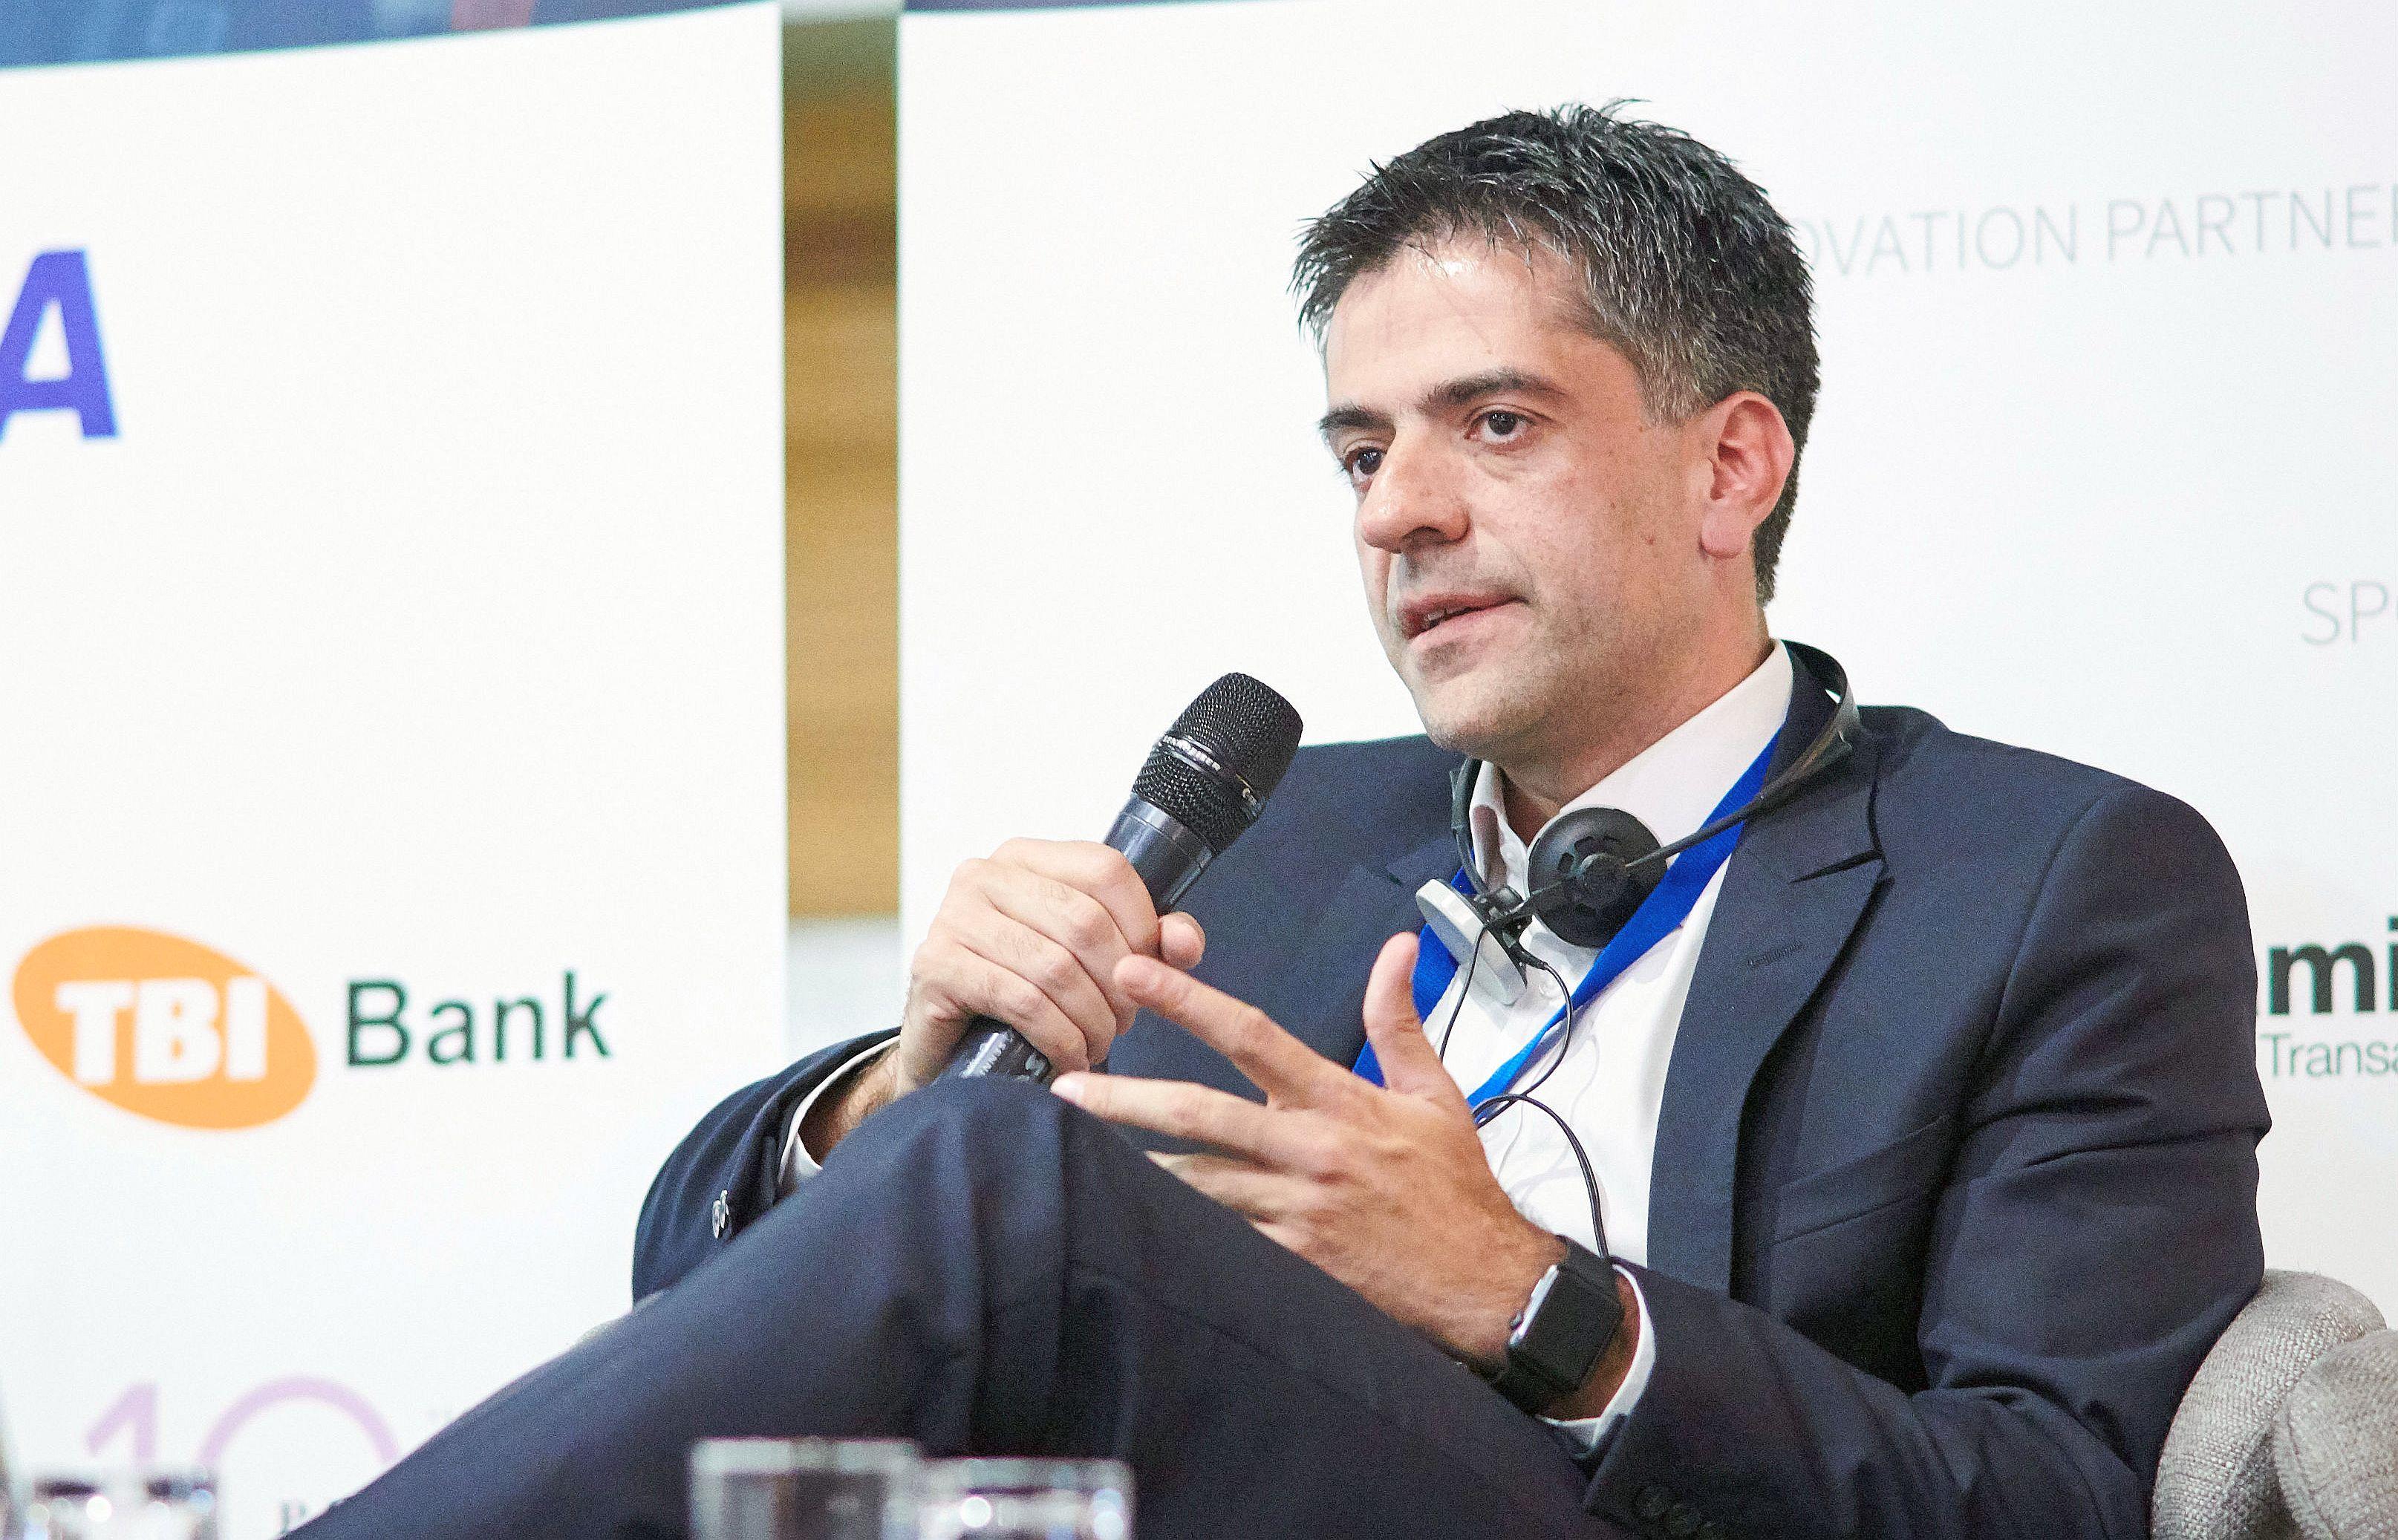 Peste 150 de magazine online din România oferă cumpărături în rate prin soluția de creditare digitală dezvoltată de TBI Credit în parteneriat cu FintechOS